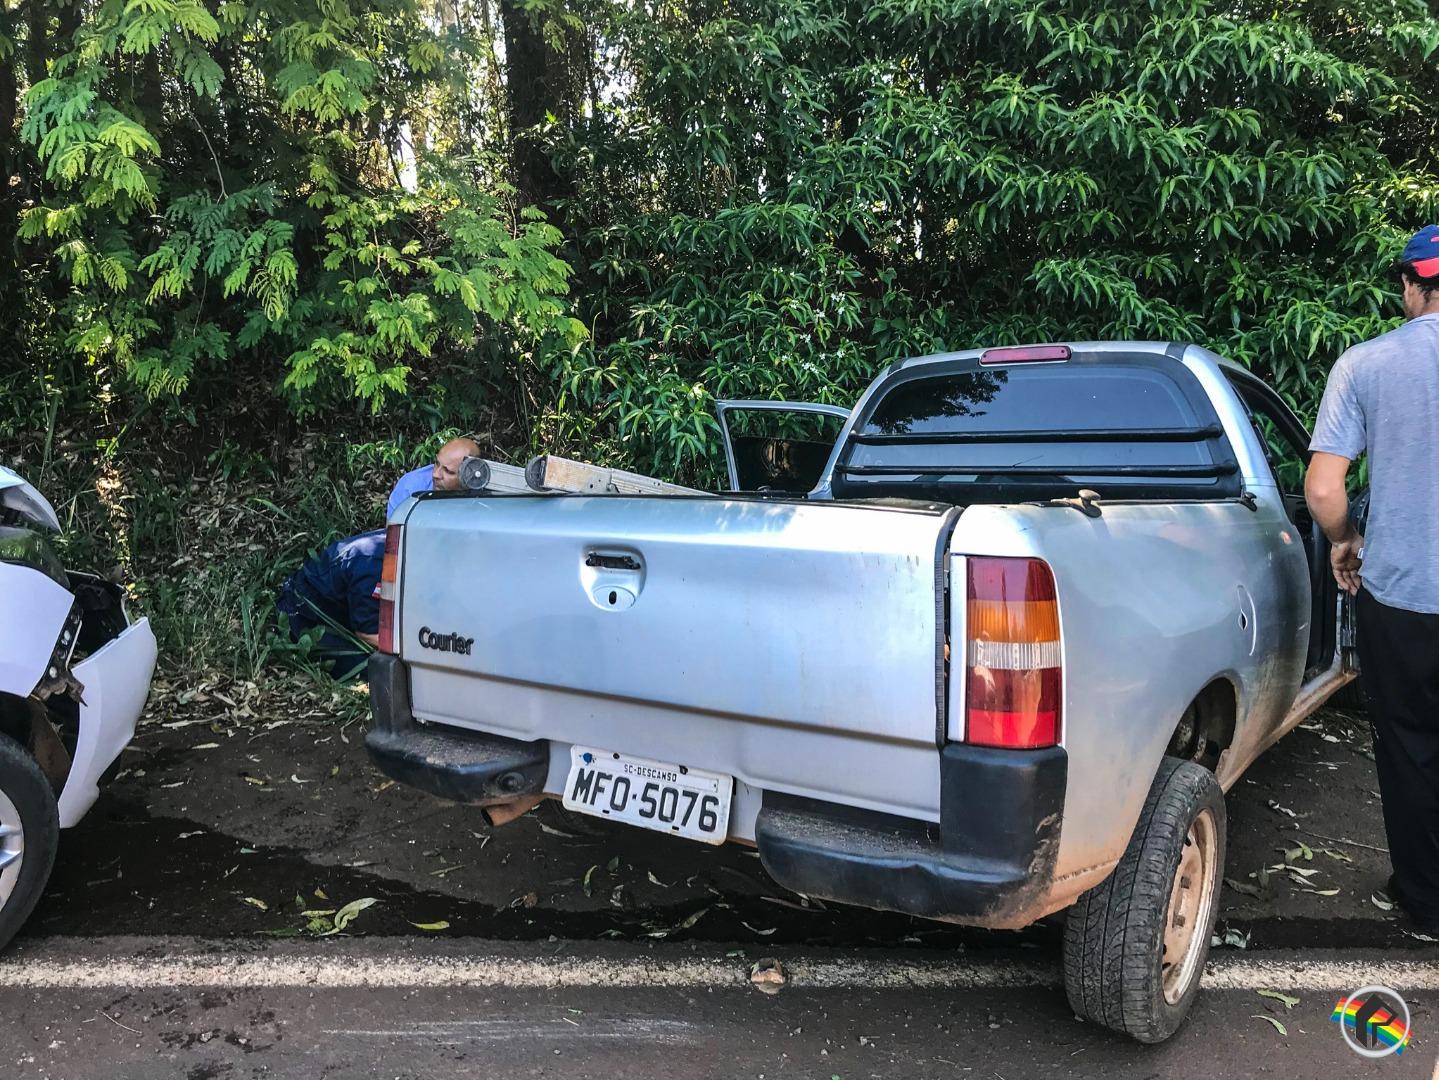 VÍDEO: Colisão envolvendo dois carros deixa homem ferido